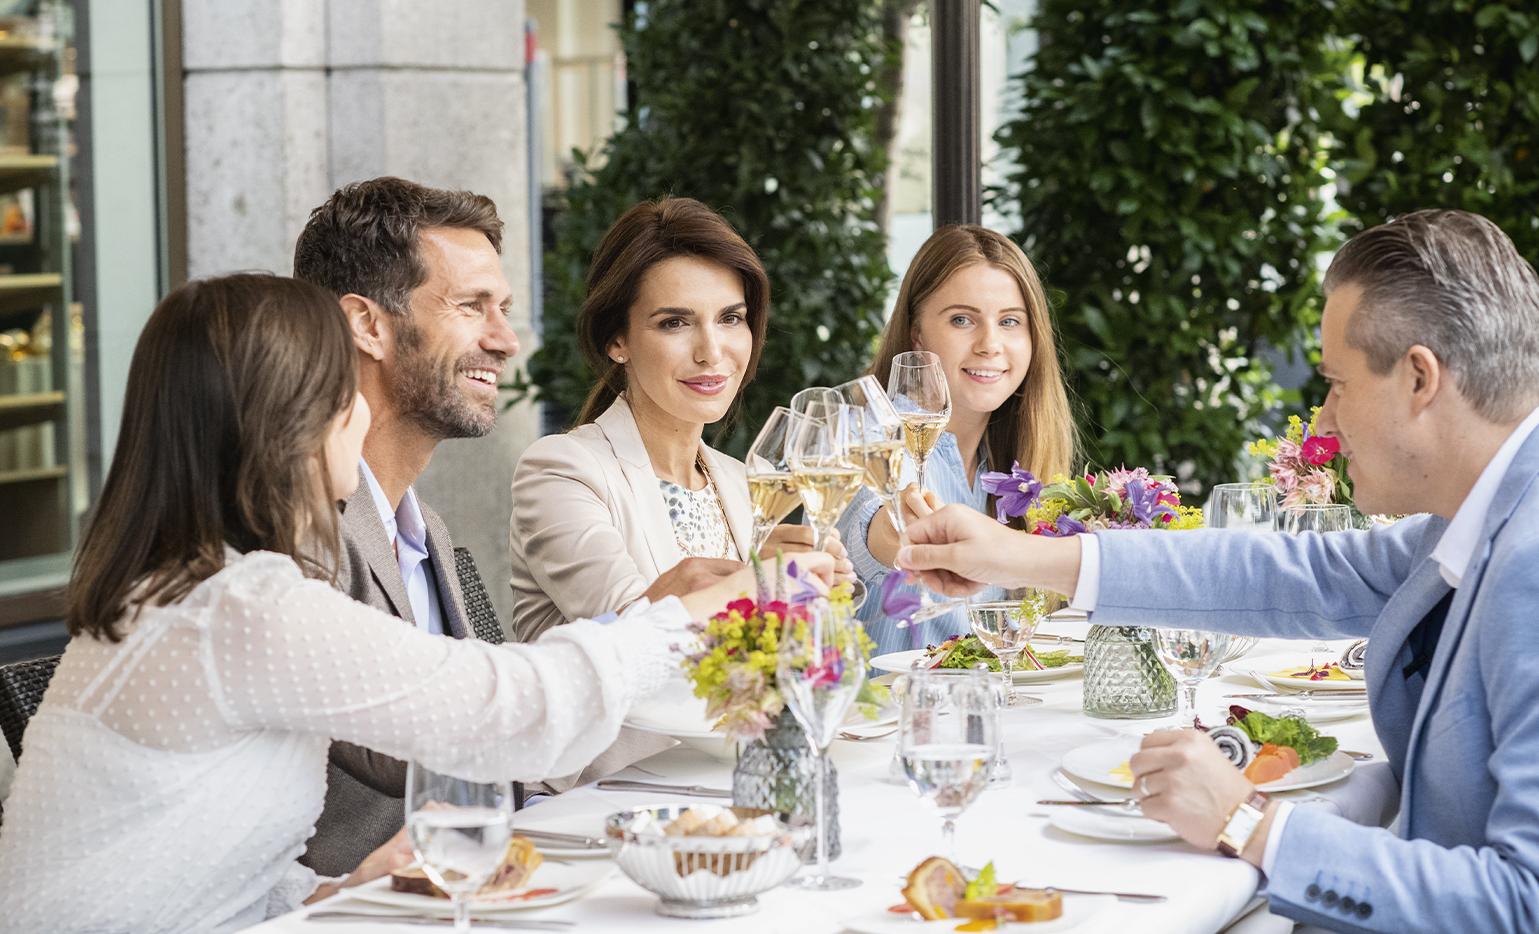 Gourmetküche entspannt interpretiert